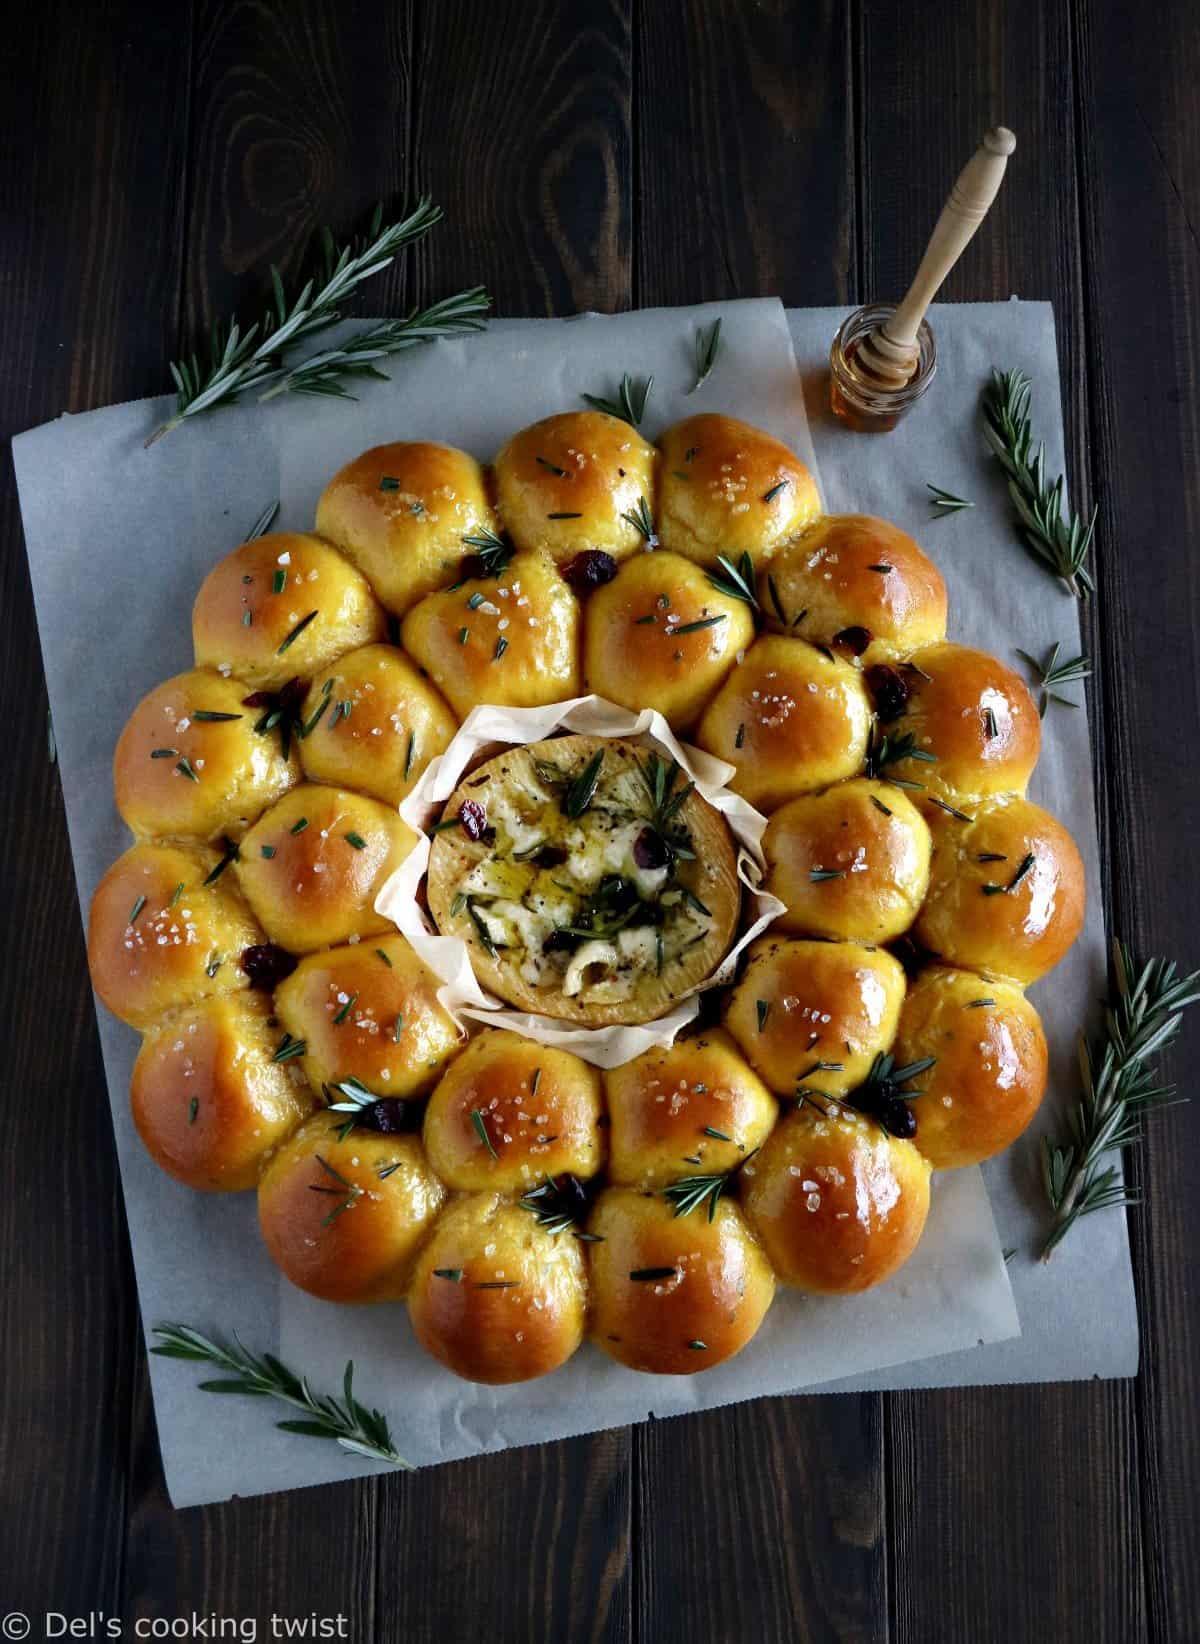 Couronne de petits pains à la patate douce et camembert rôti